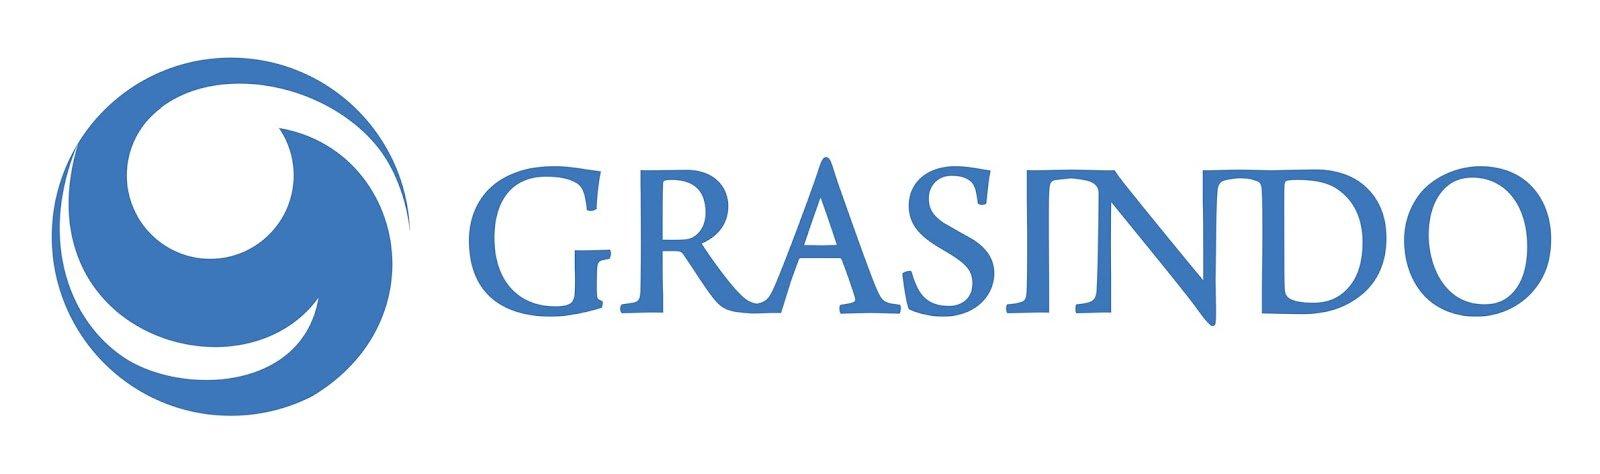 Logo-Baru-Grasindo-2-1